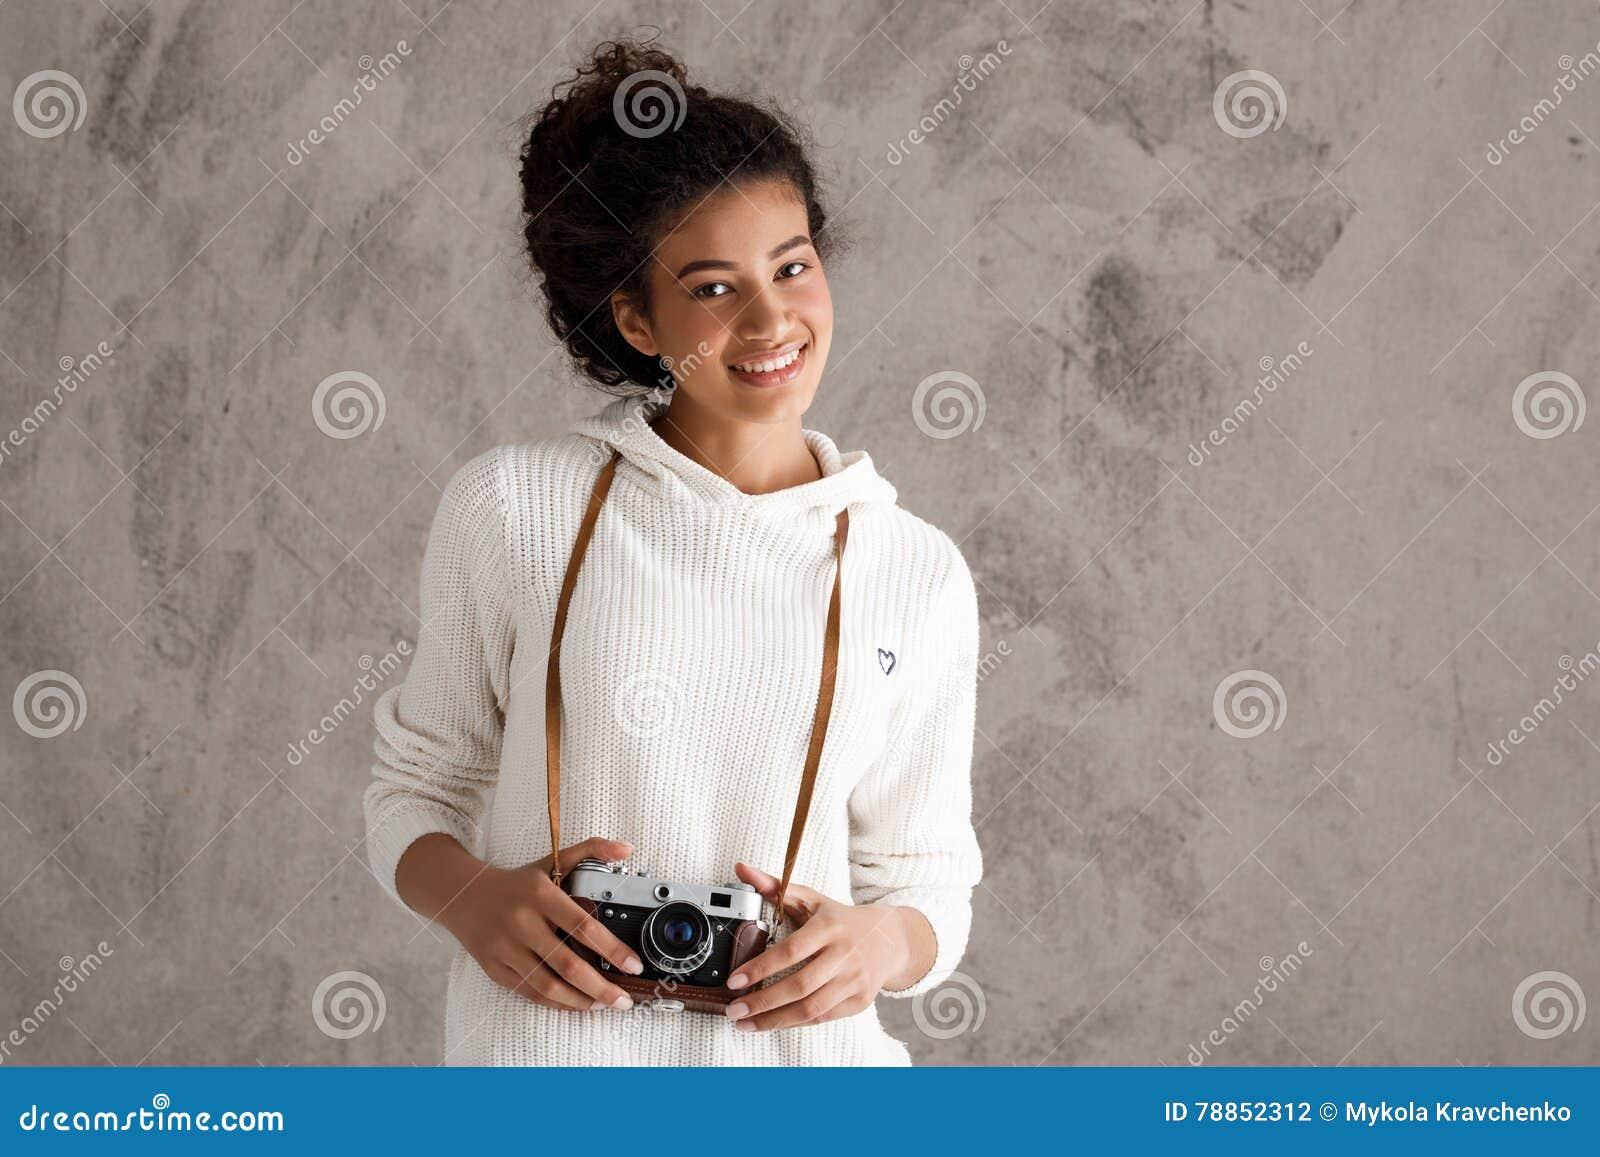 Afrikanskt kvinnligt le för fotografi som rymmer kameran över beige bakgrund